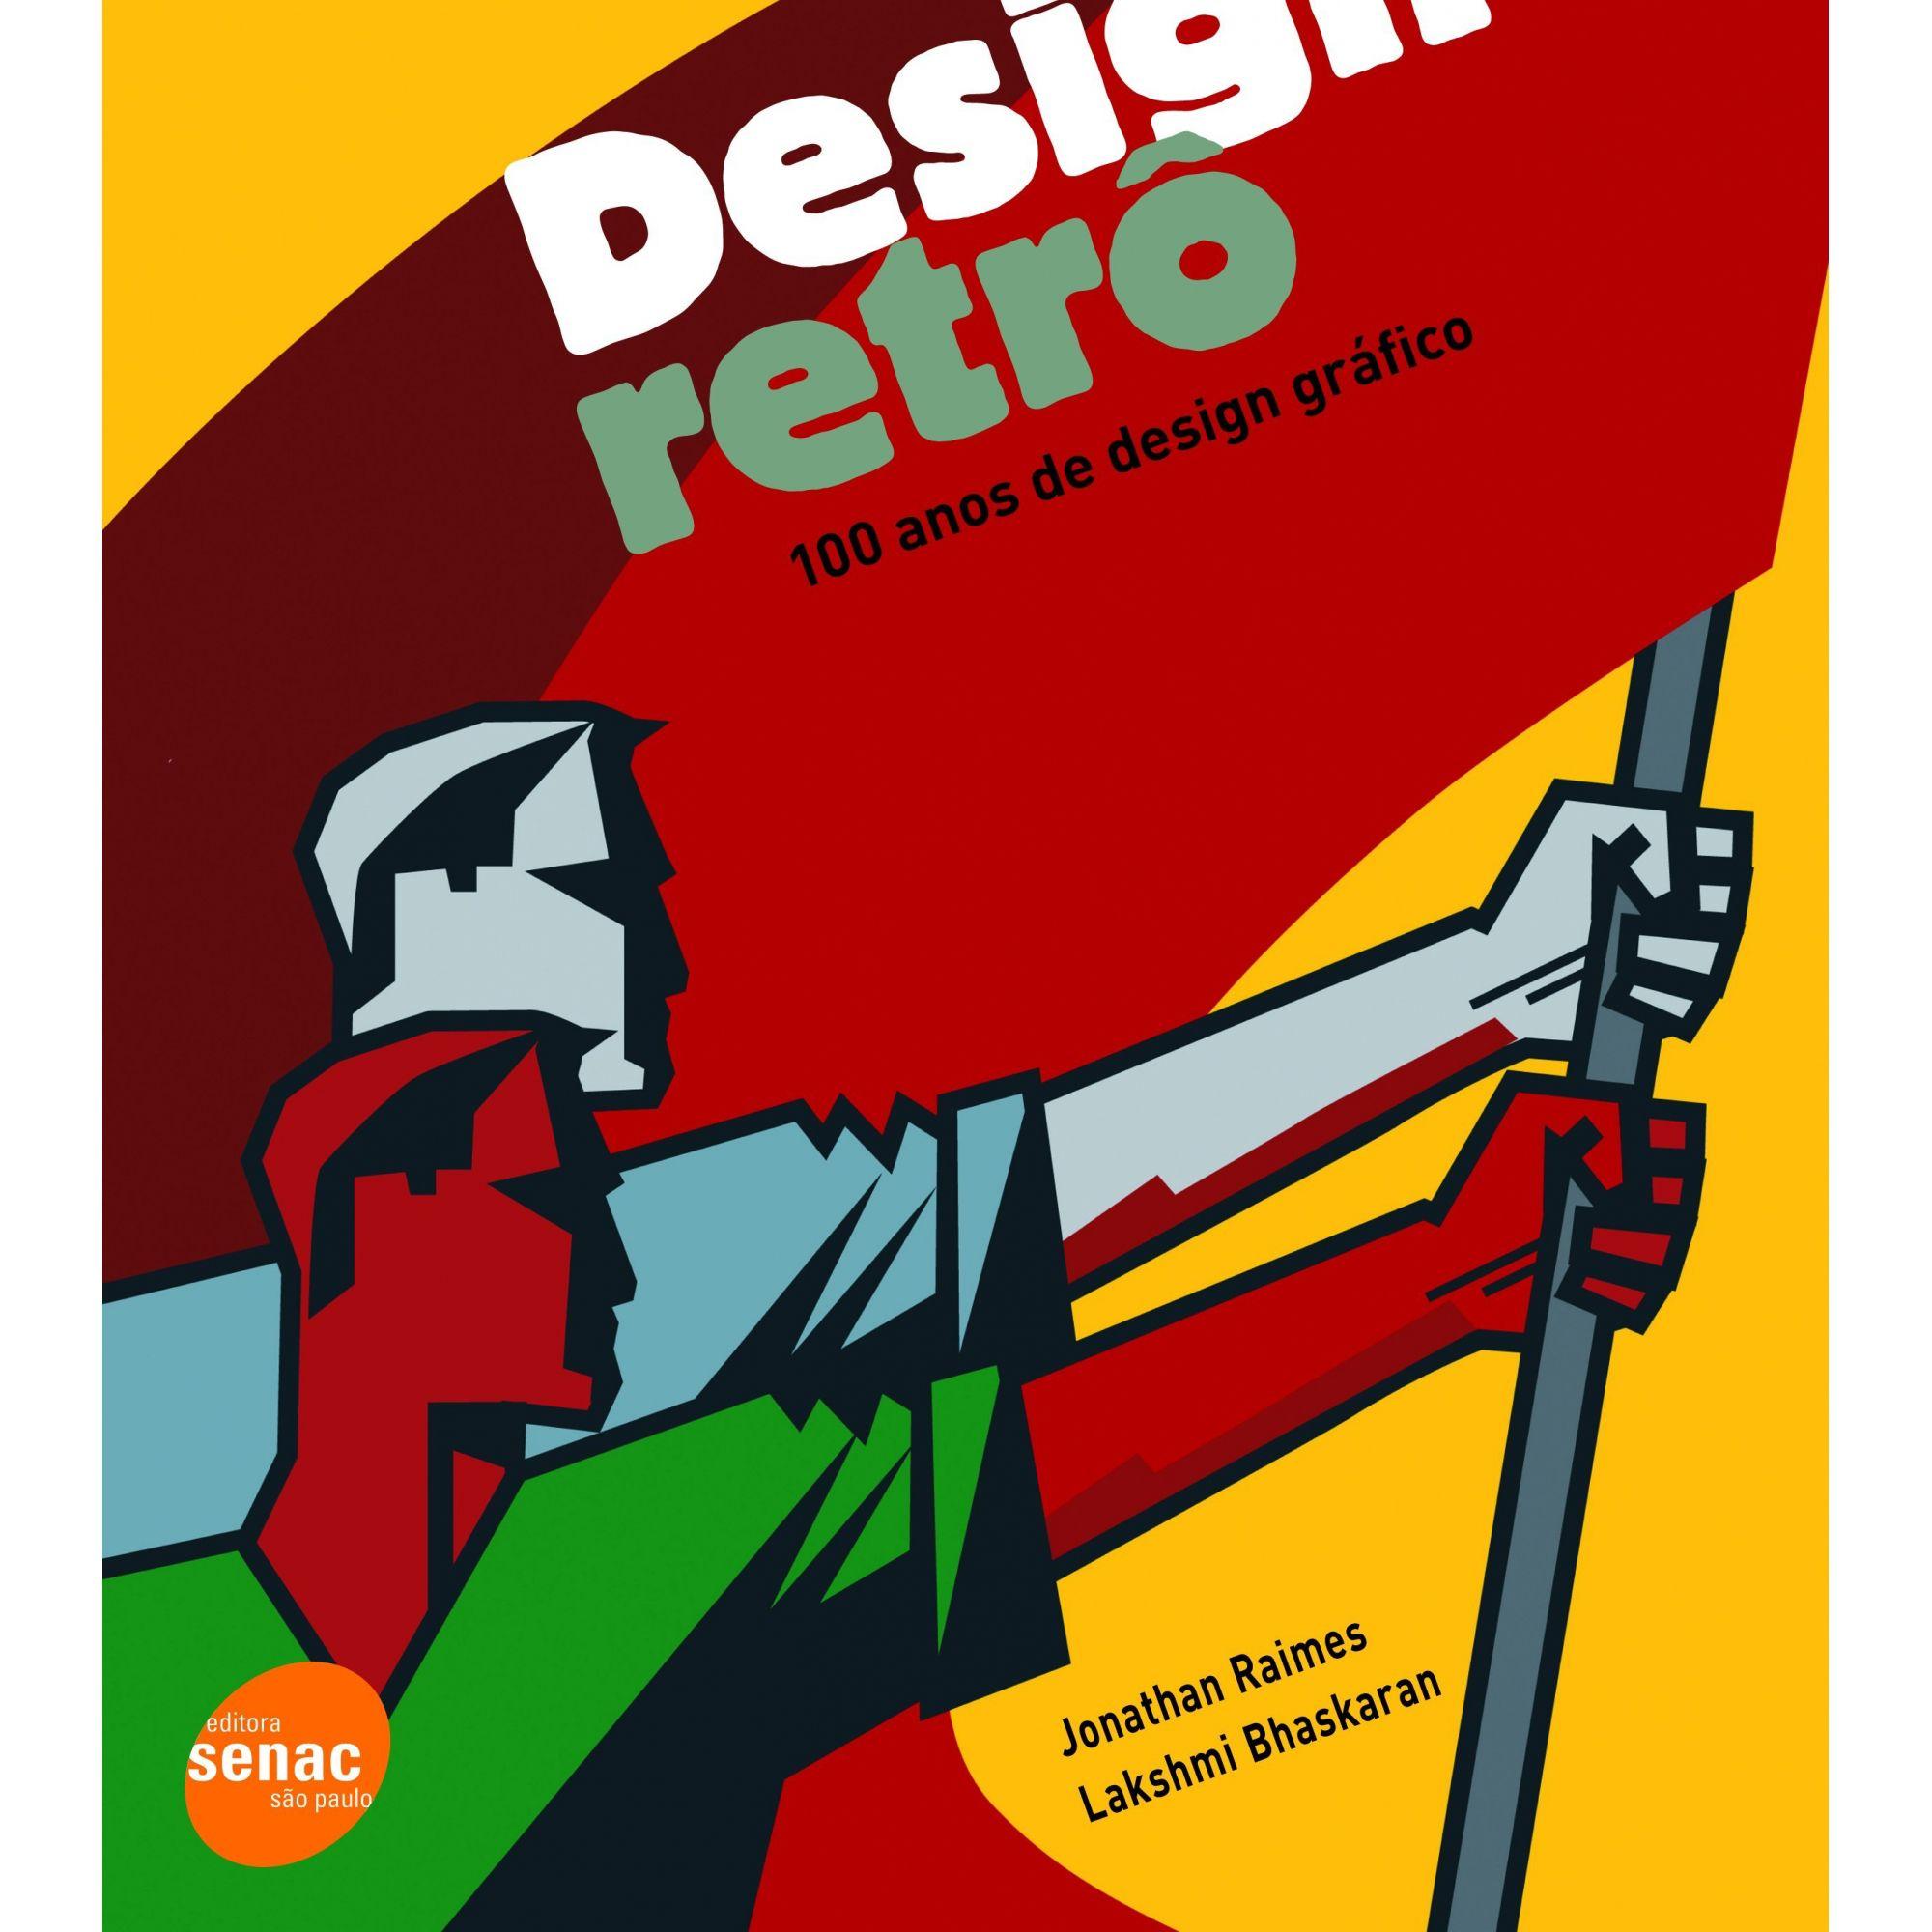 Design retrô: 100 anos de design gráfico